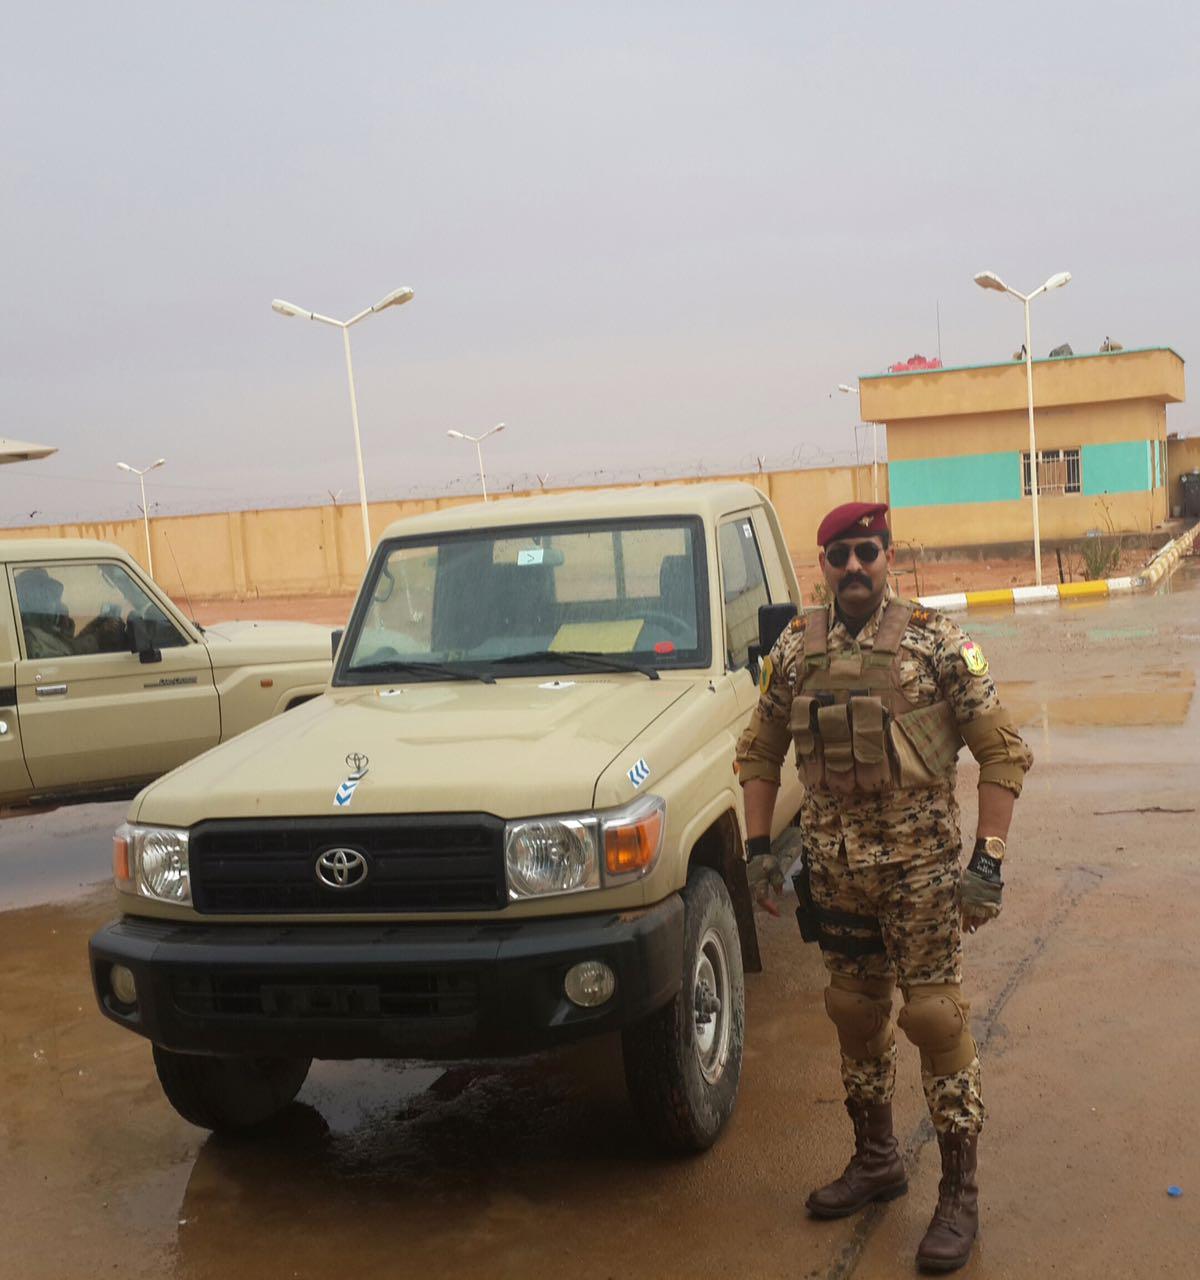 الملازم أول أبوبكر الذي أظهر فيديو عملية نحره على أيدي عناصر داعش